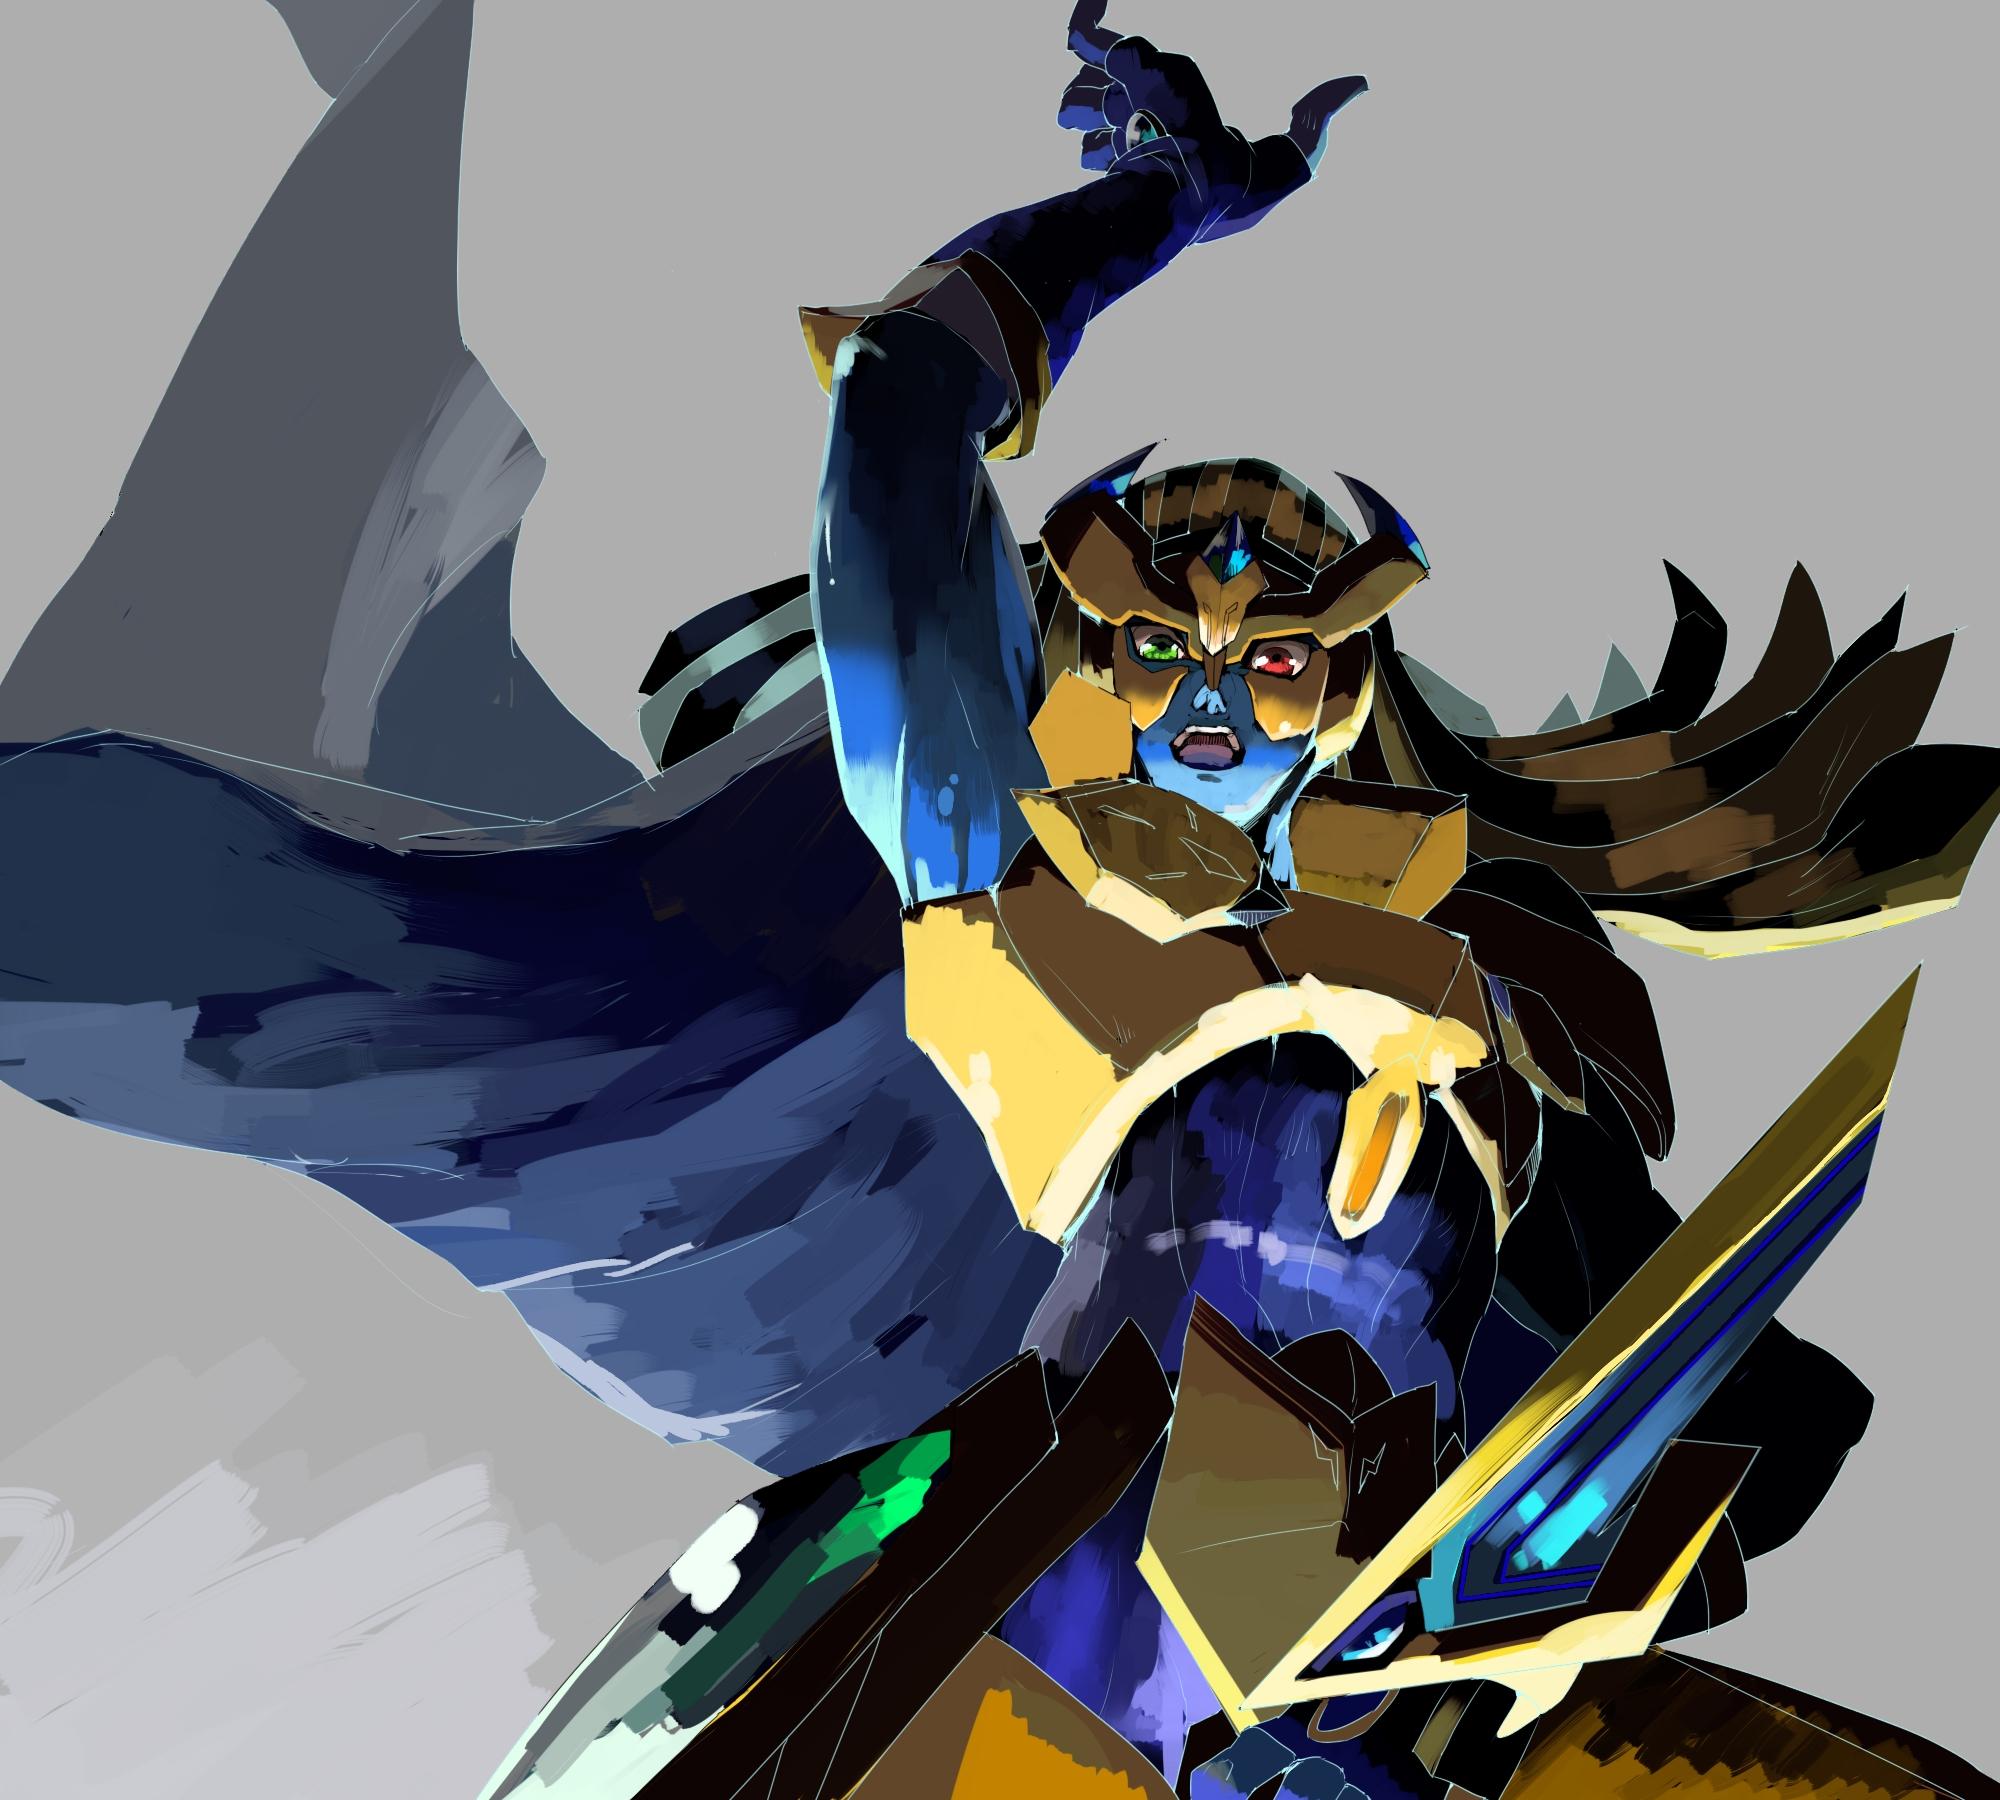 Yu-Gi-Oh! Zexal HD Wallpaper